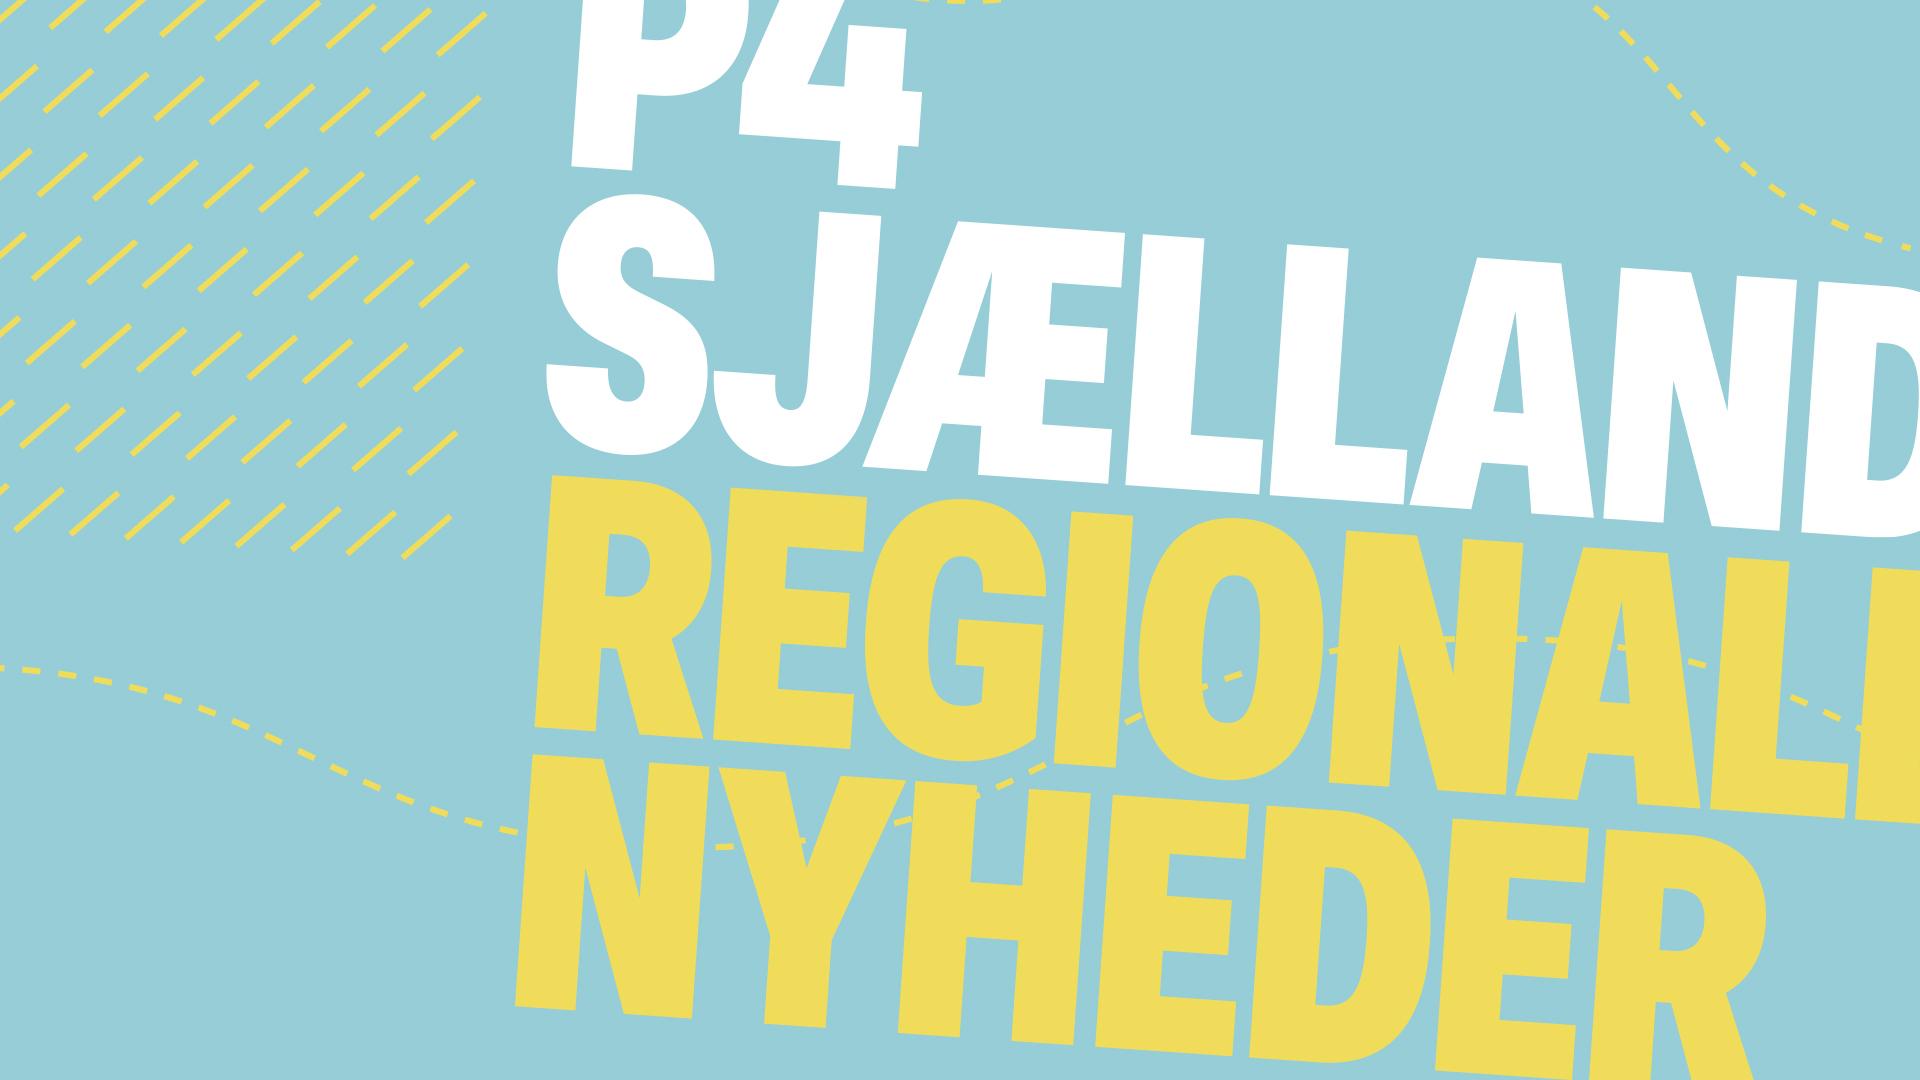 P4 Sjælland regionale nyheder